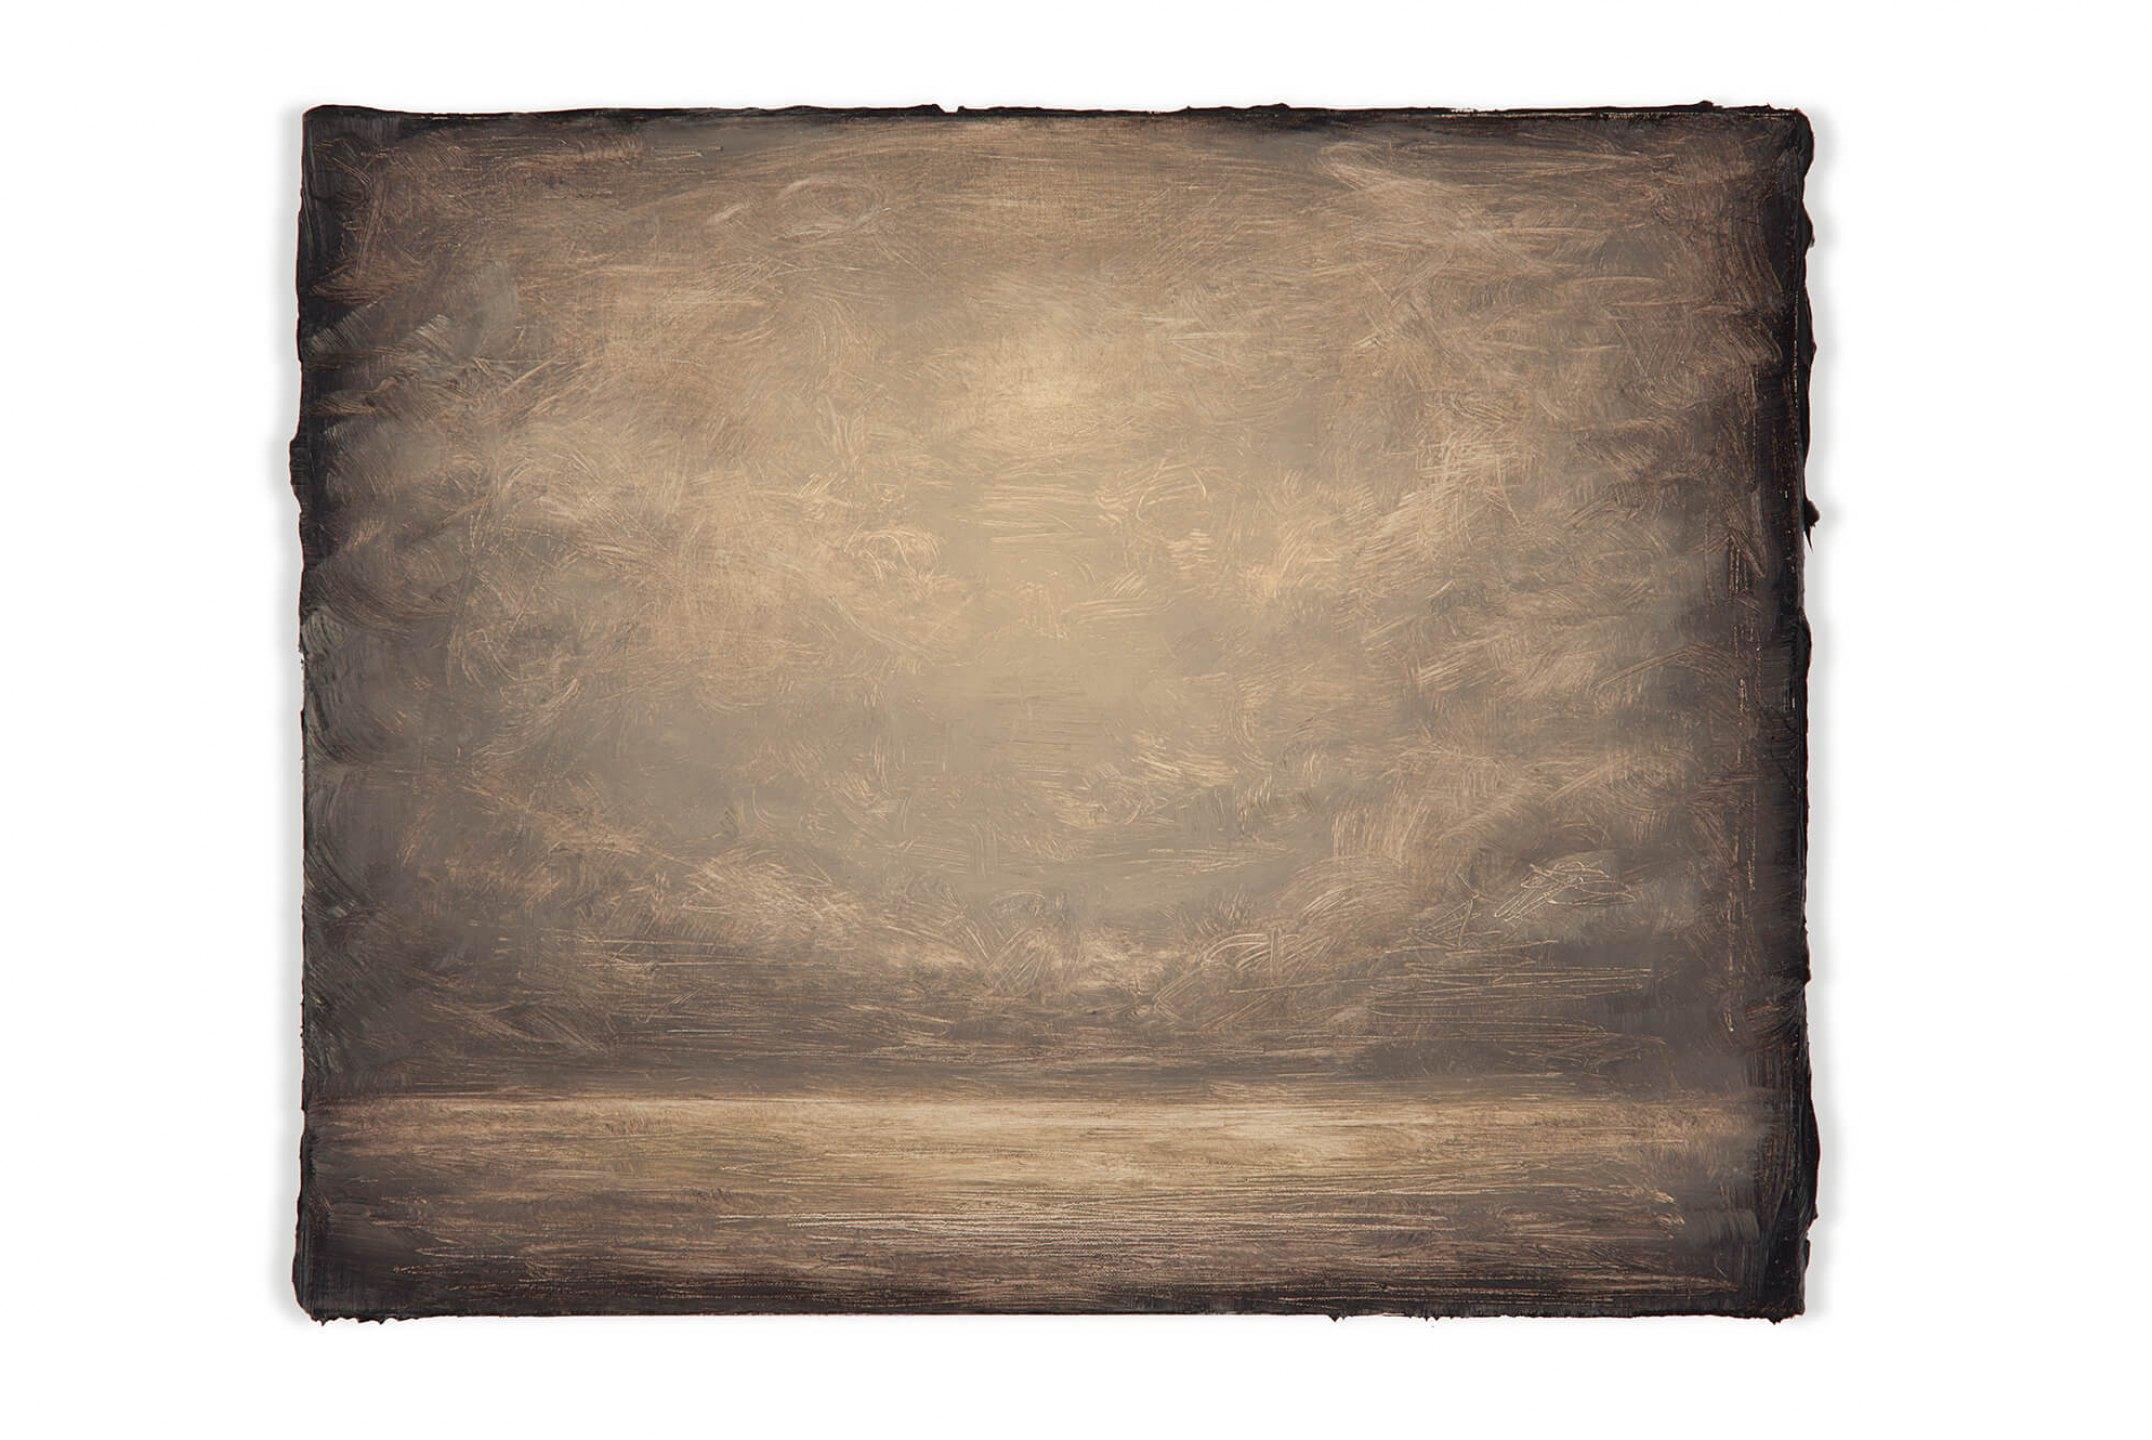 Lucas Arruda,&nbsp;<em>untitled</em>, 2014, oil on canvas, 24 × 30 cm - Mendes Wood DM